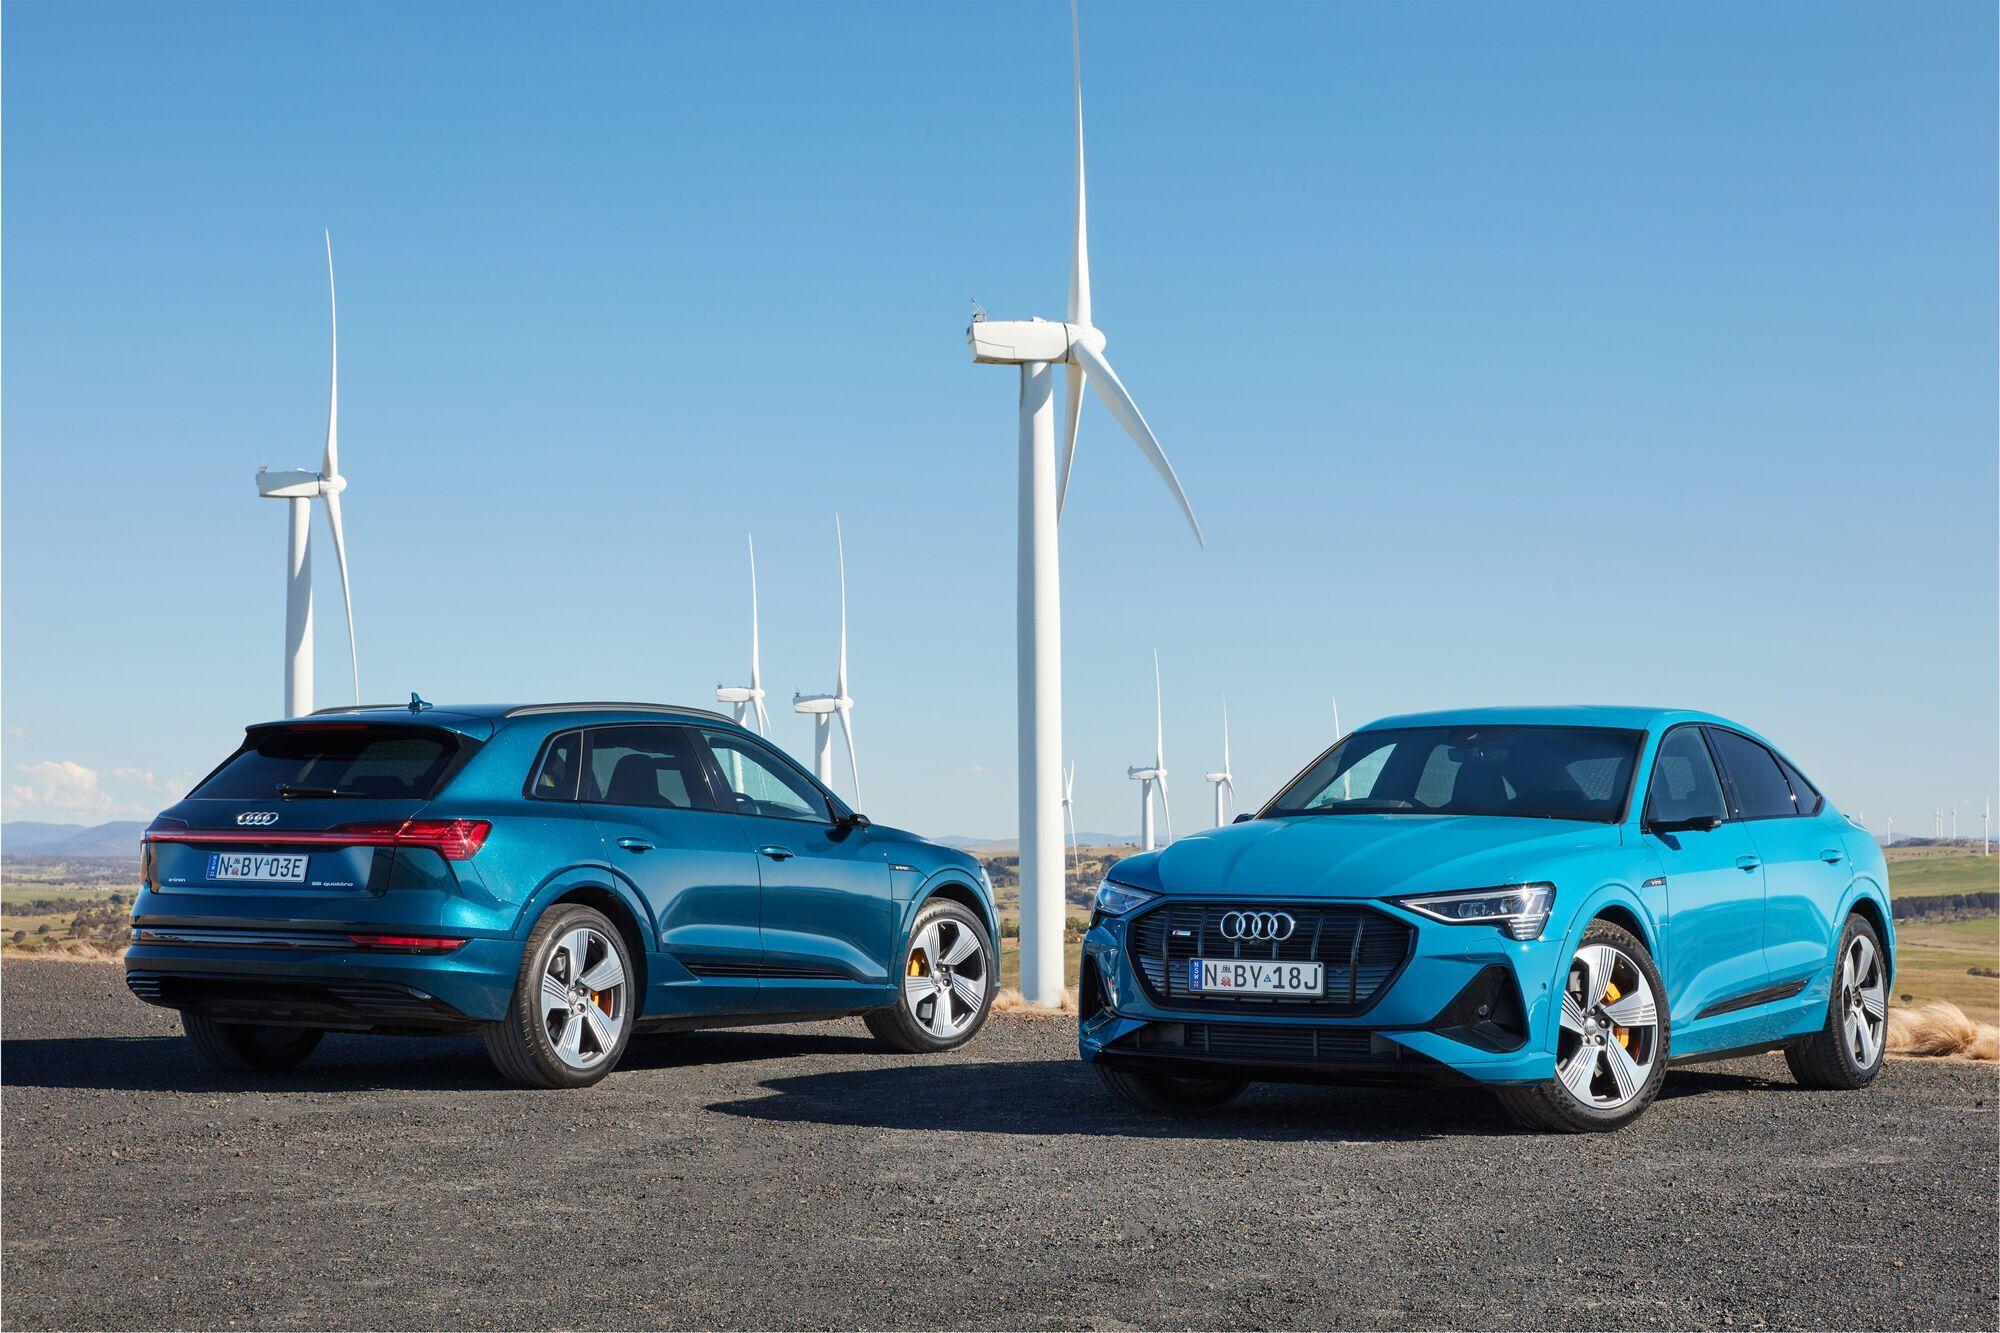 Audi e-tron стал самым продаваемым электромобилем в Норвегии, обогнав Tesla Model 3 и VW ID.3